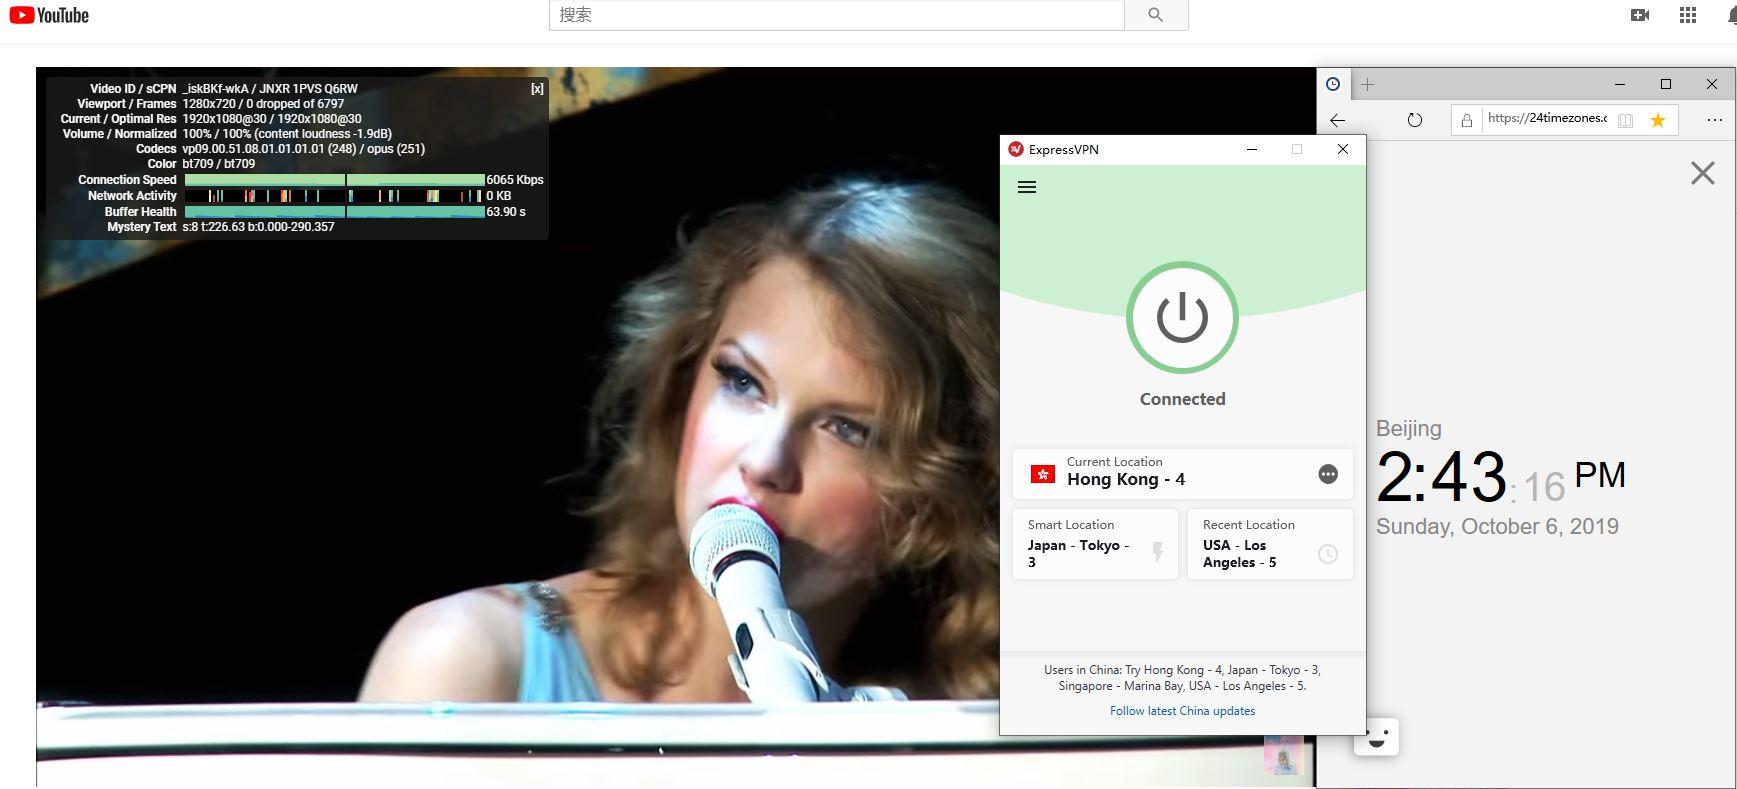 Windows ExpressVPN Hong Kong - 4 中国VPN翻墙 科学上网 YouTube测速-20191006